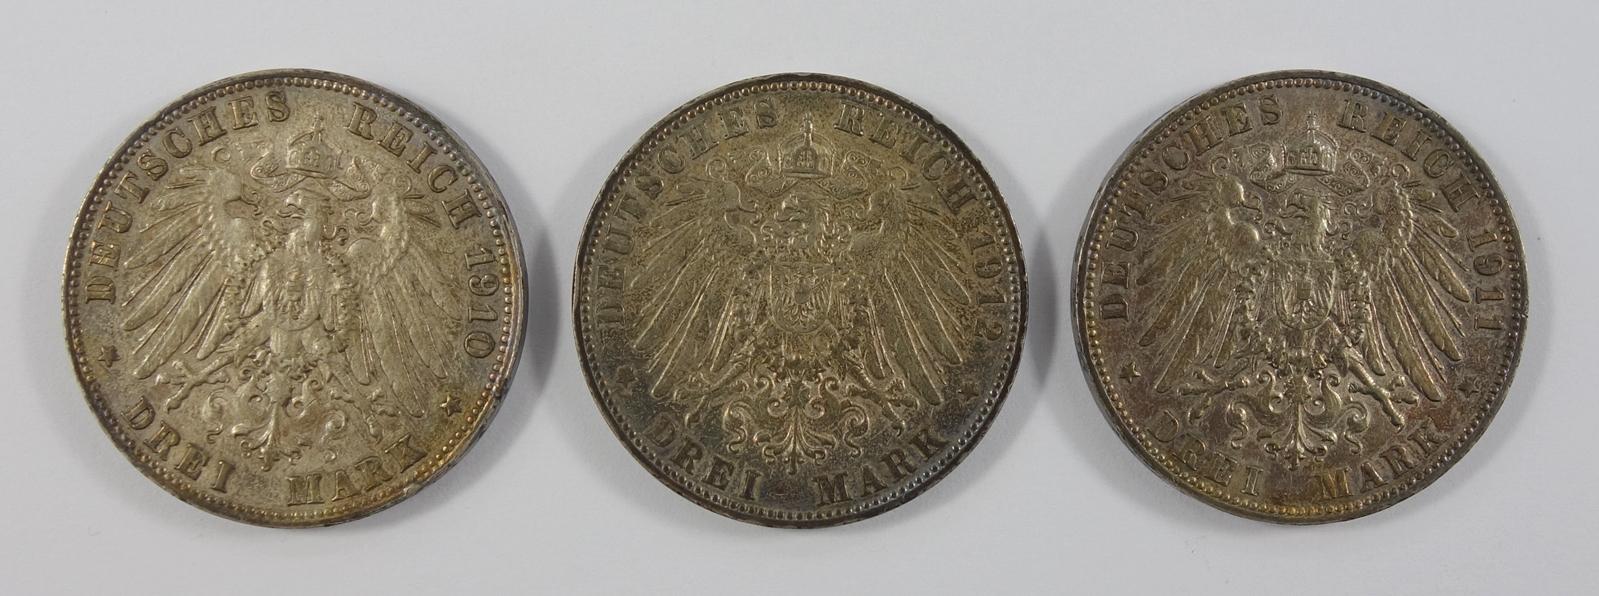 3* 3 Mark, August, König von Sachsen, 1910-1912, E, Ag, Gesamt-Gew.ca.49,5g, ss-s3 * - Bild 2 aus 2